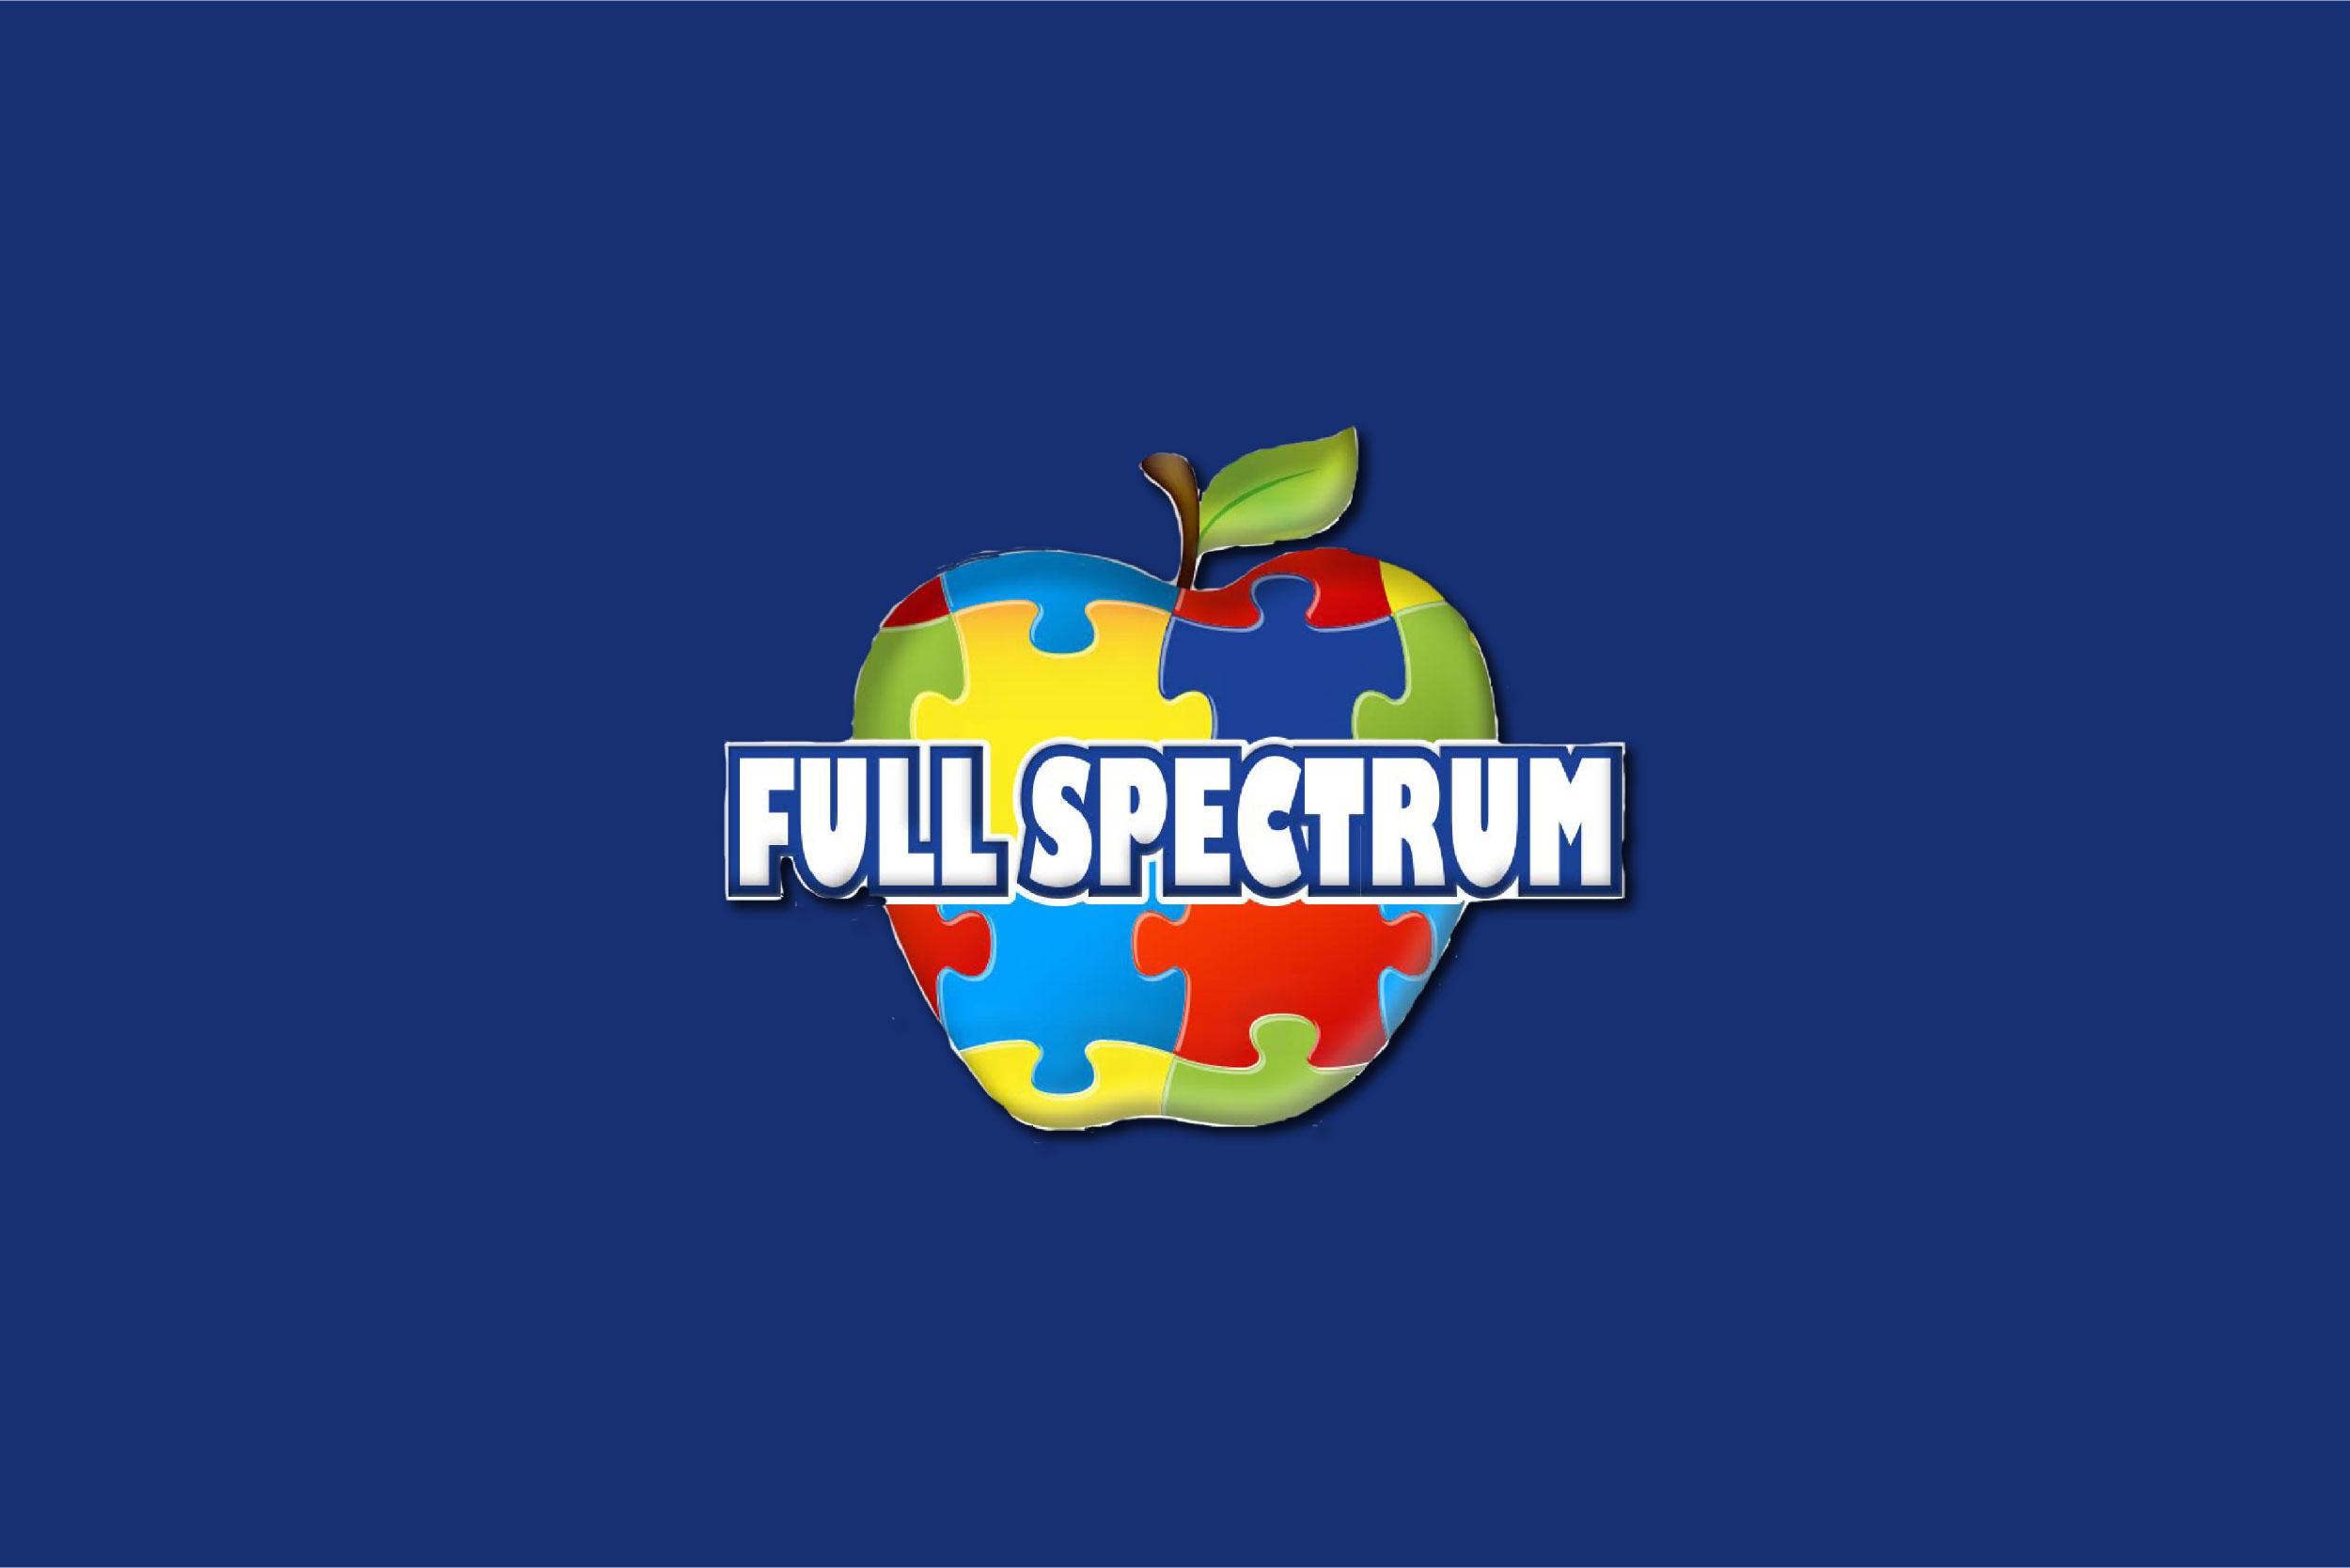 full-sprectum-01.jpg